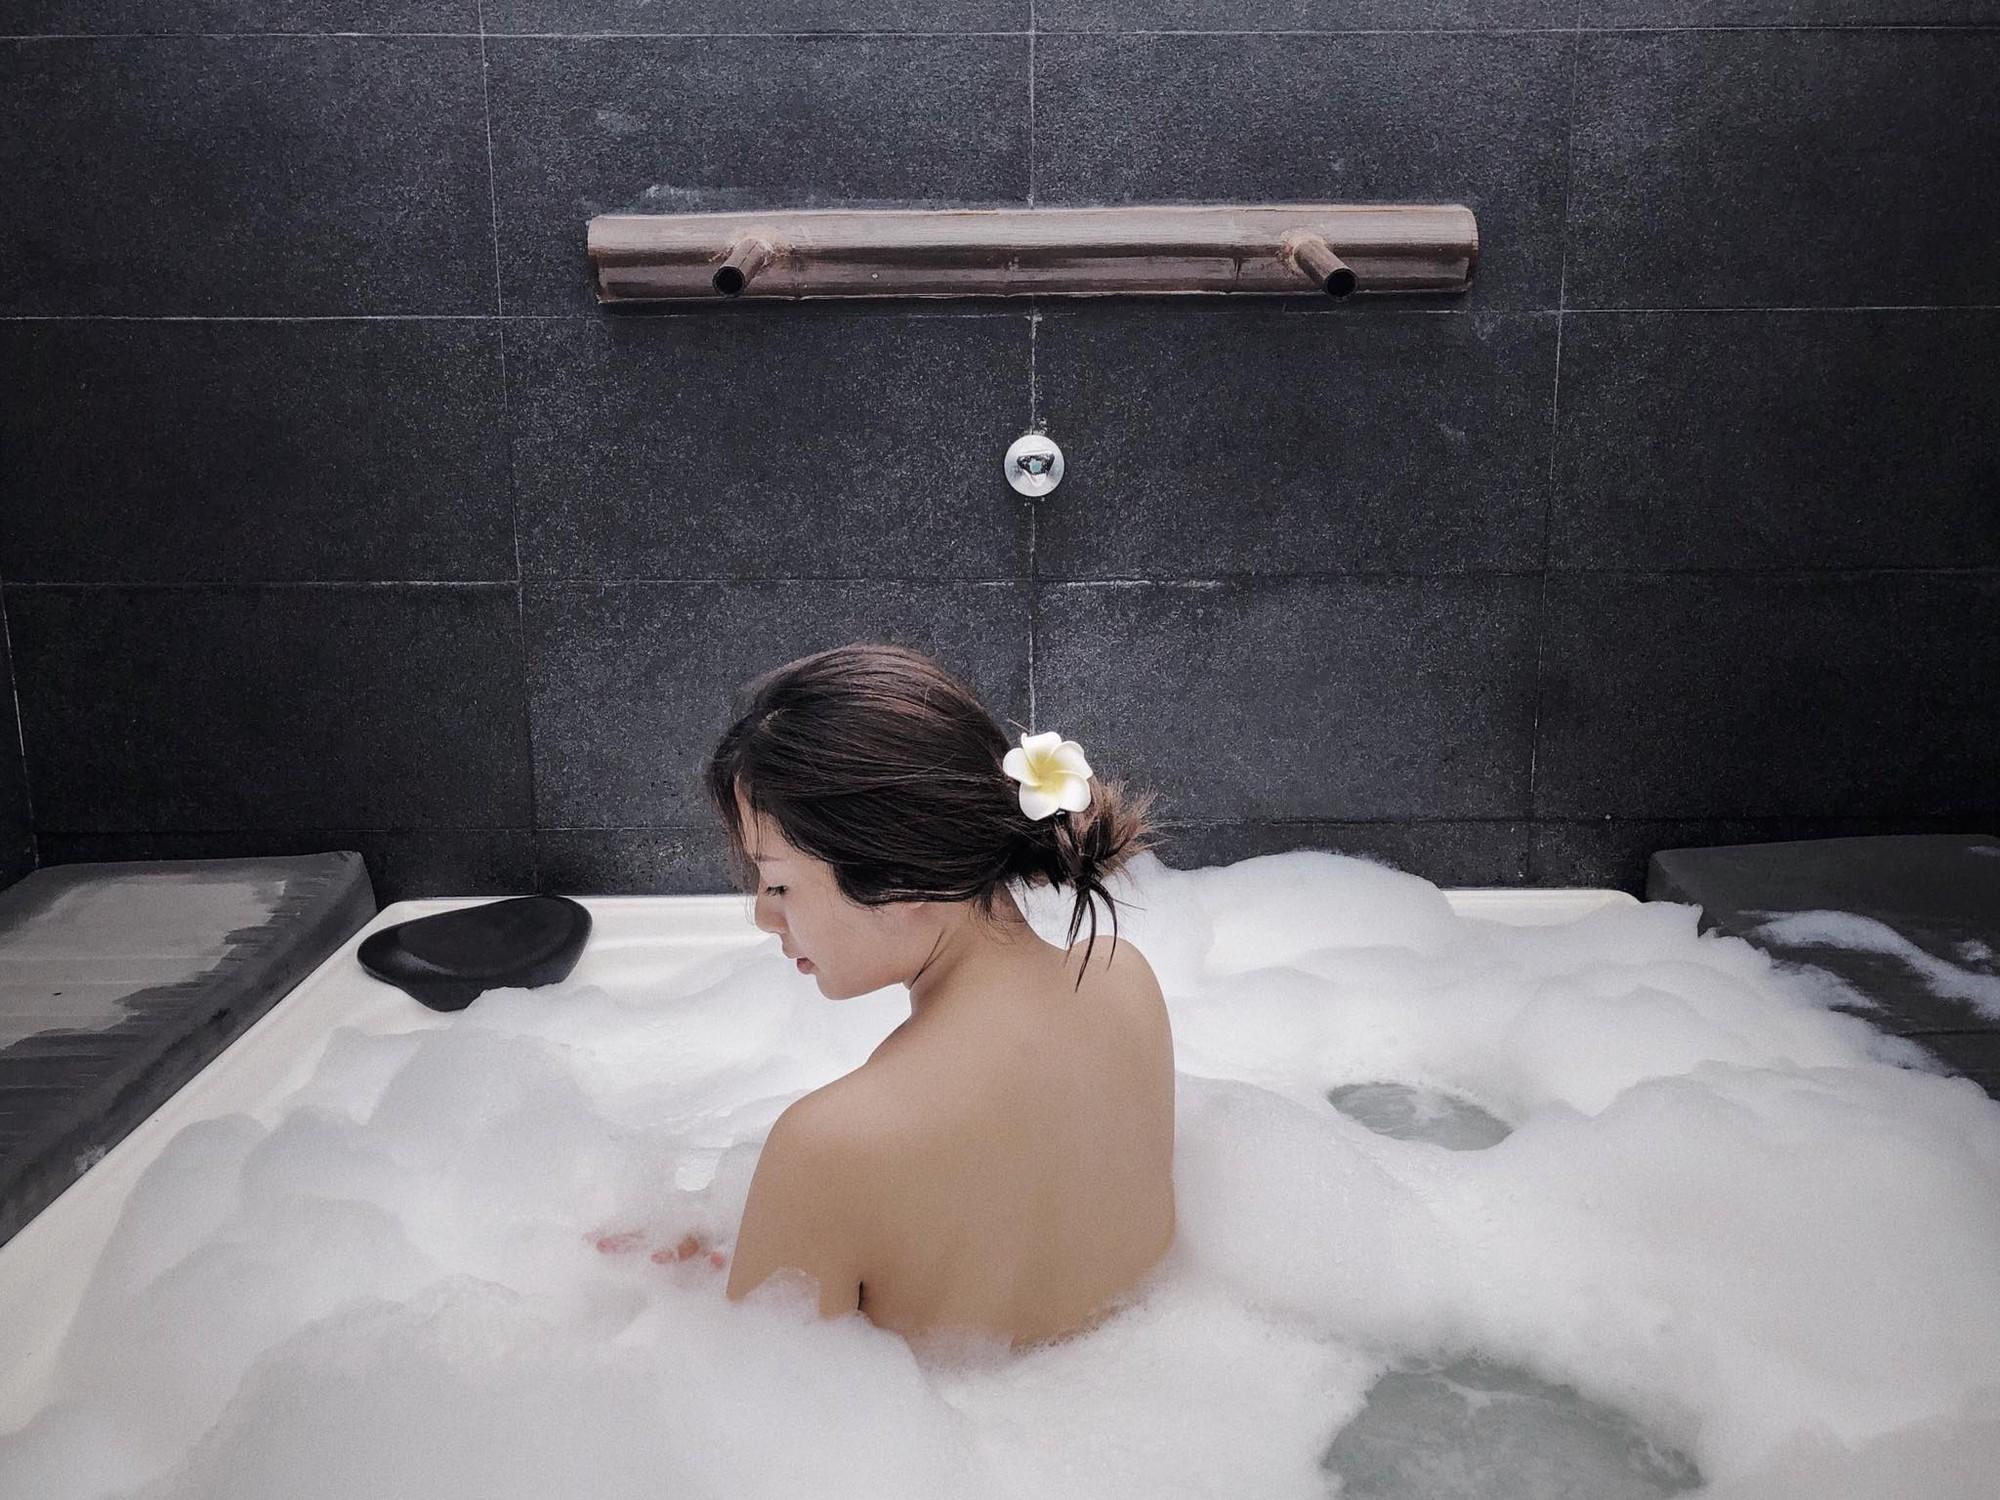 Nàng Hoa hậu người Việt tại Mỹ chia sẻ bí quyết dù con bé tí hin vẫn cùng chồng đi thiên đường tình yêu Maldives lãng mạn - Ảnh 23.